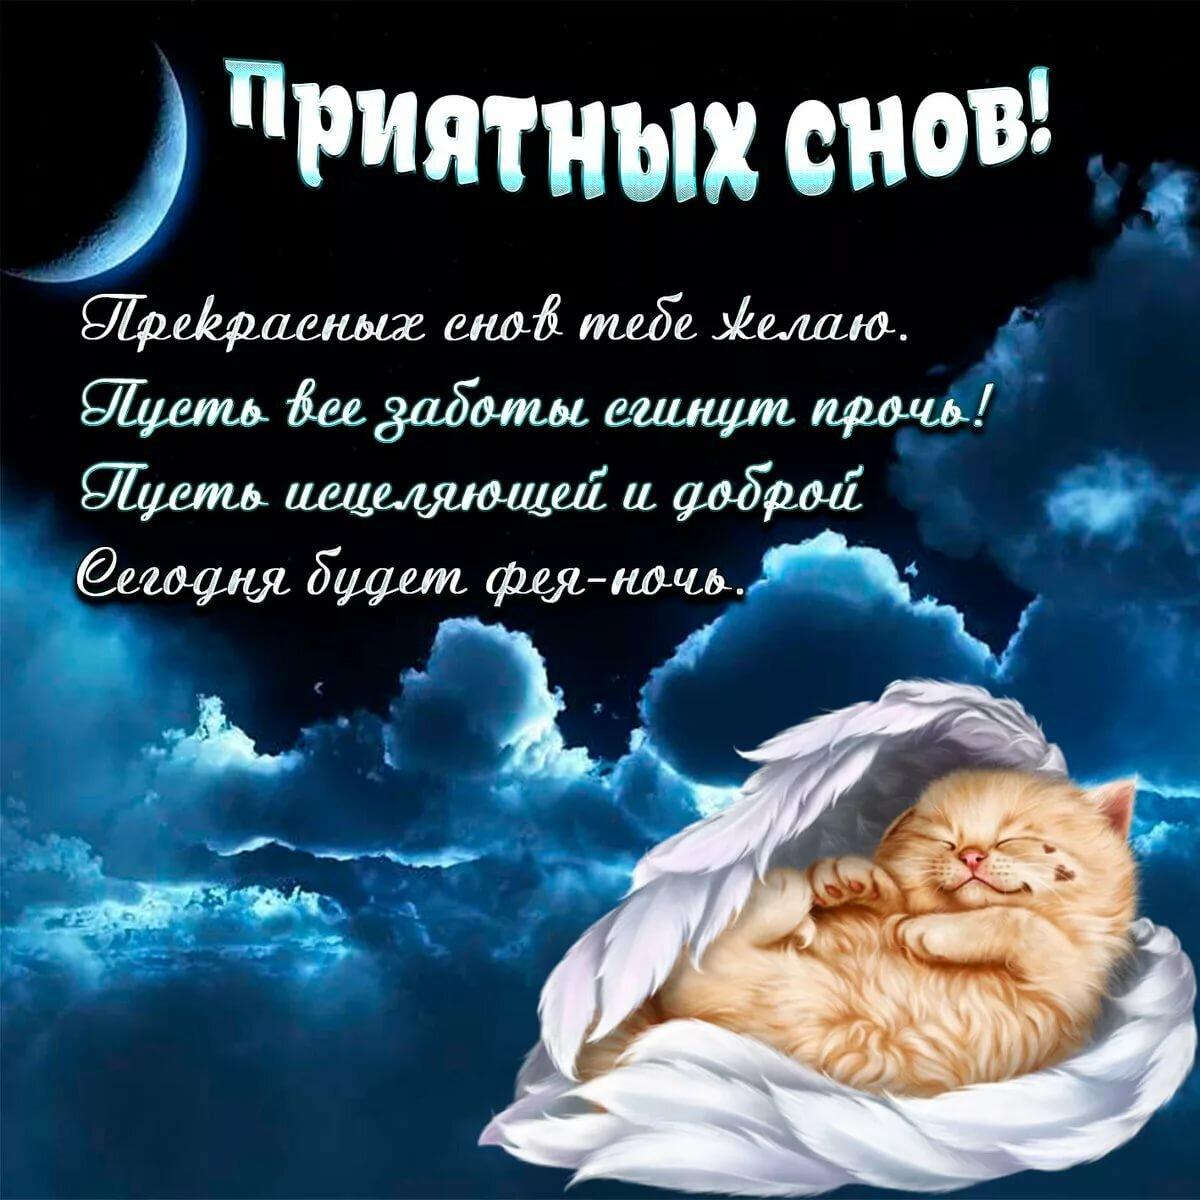 Пожелать спокойной ночи любимому мужчине в картинках от татьяны